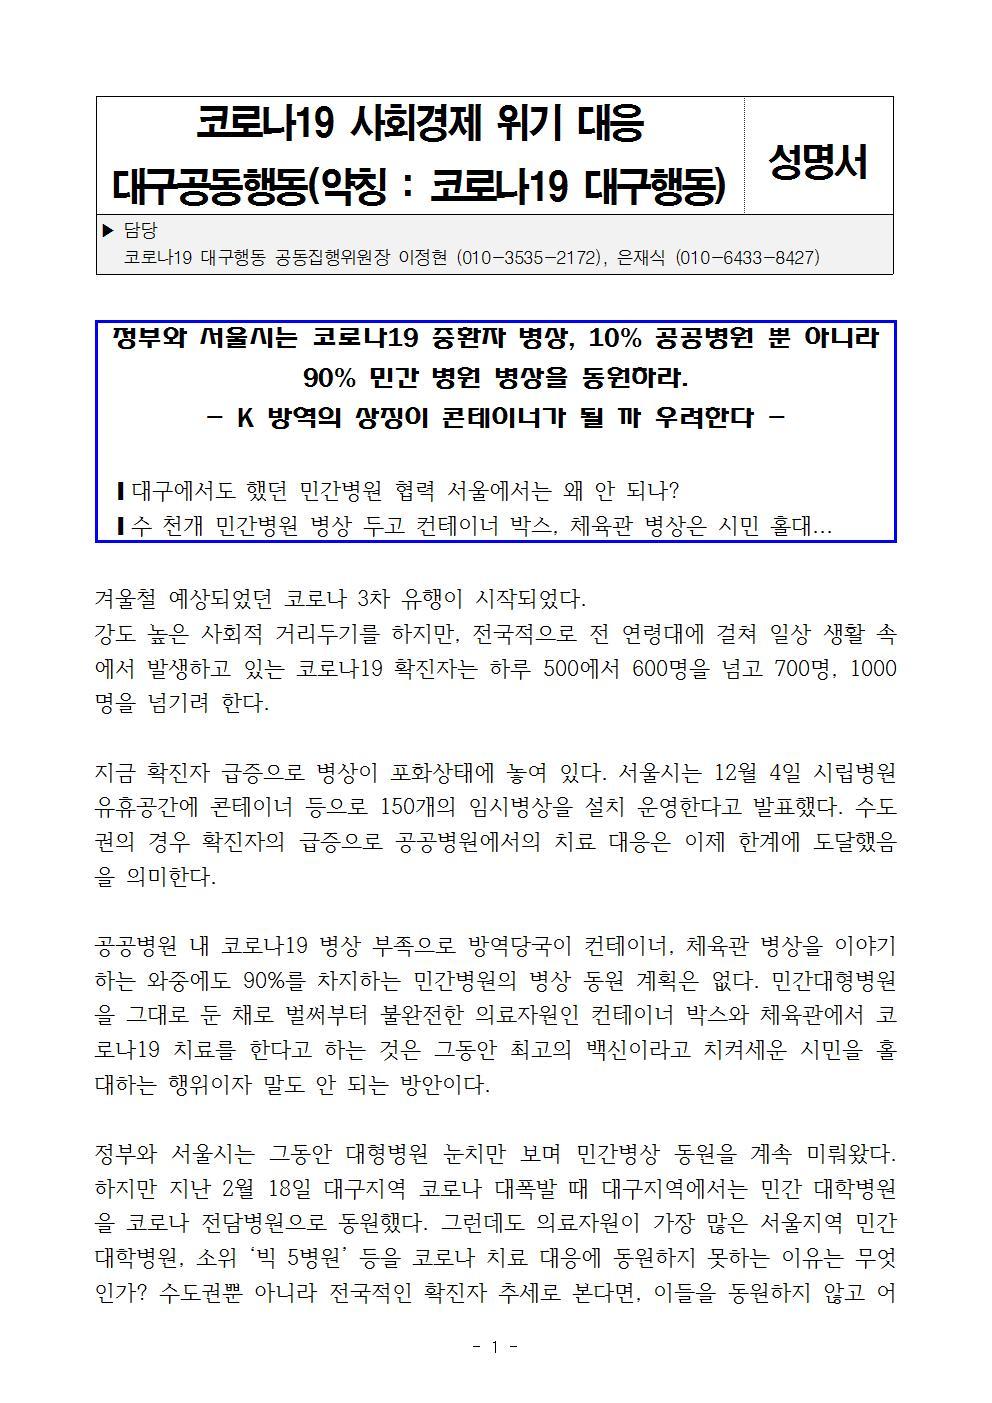 201209_정부와서울시는민간병원병상을동원하라001.jpg